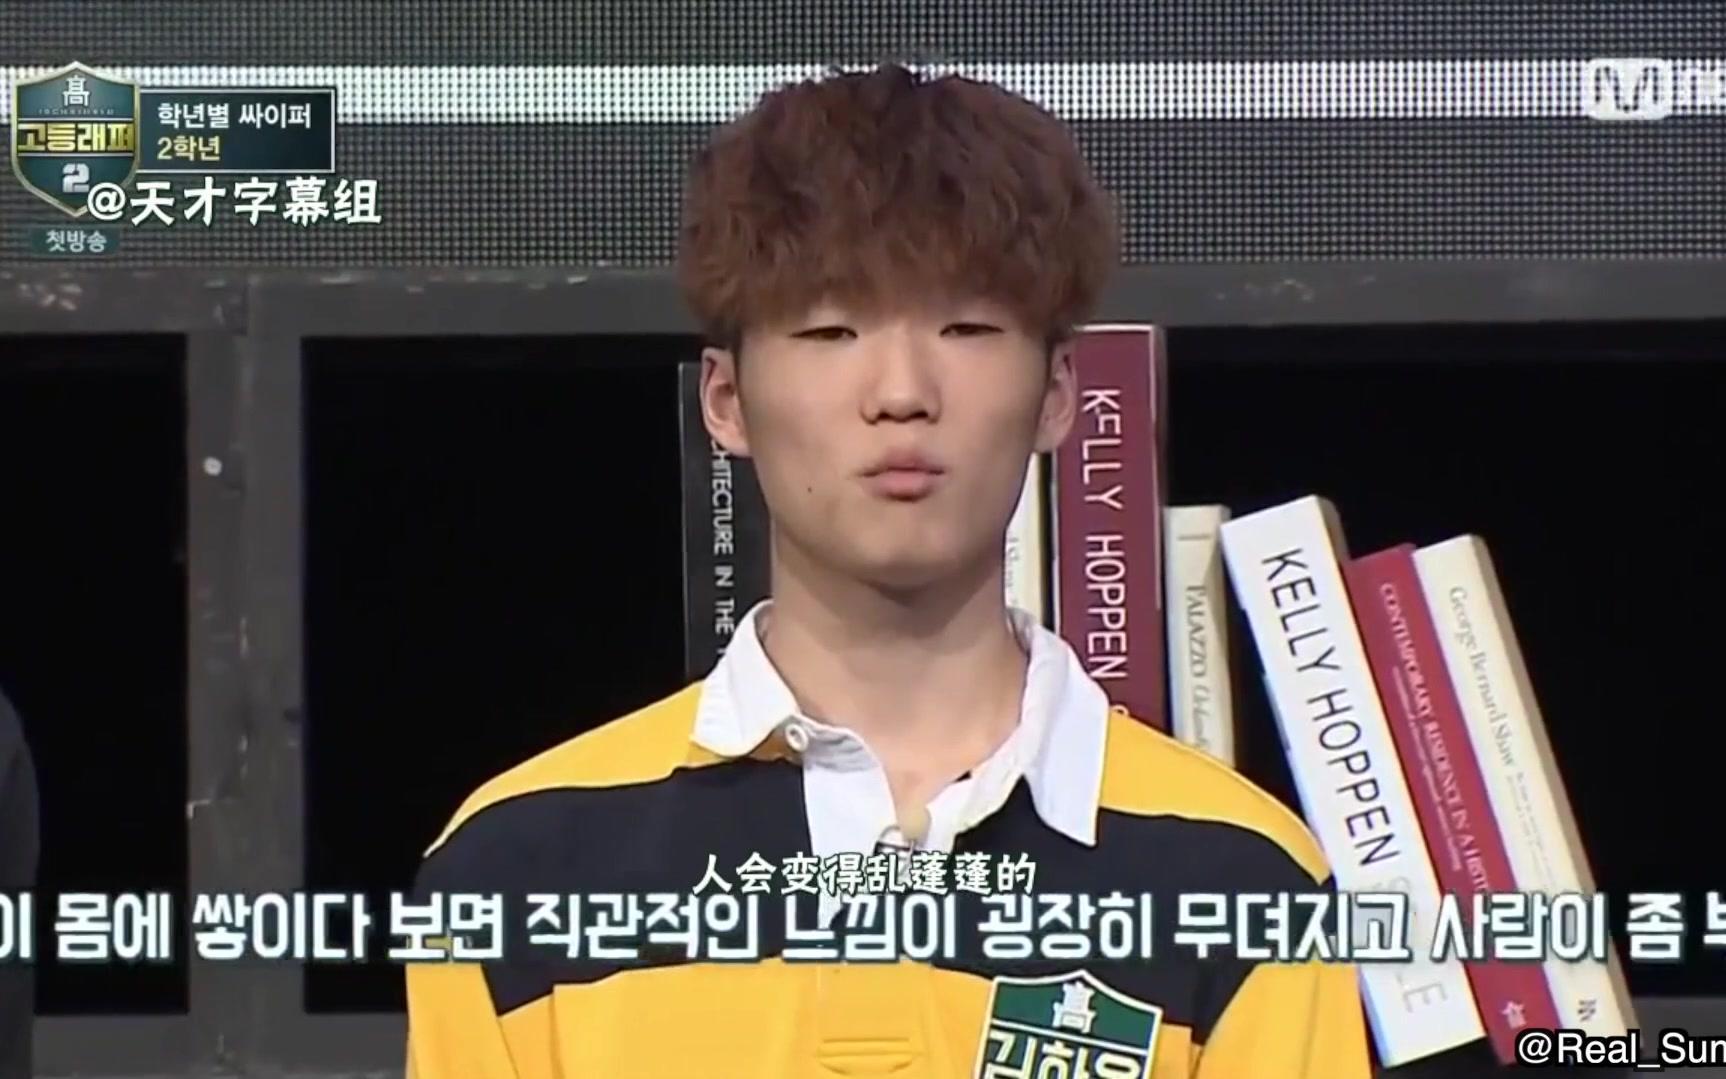 【完結】【高等Rapper2】金夏溫個人 Cut 合集_嗶哩嗶哩 (゜-゜)つロ ...